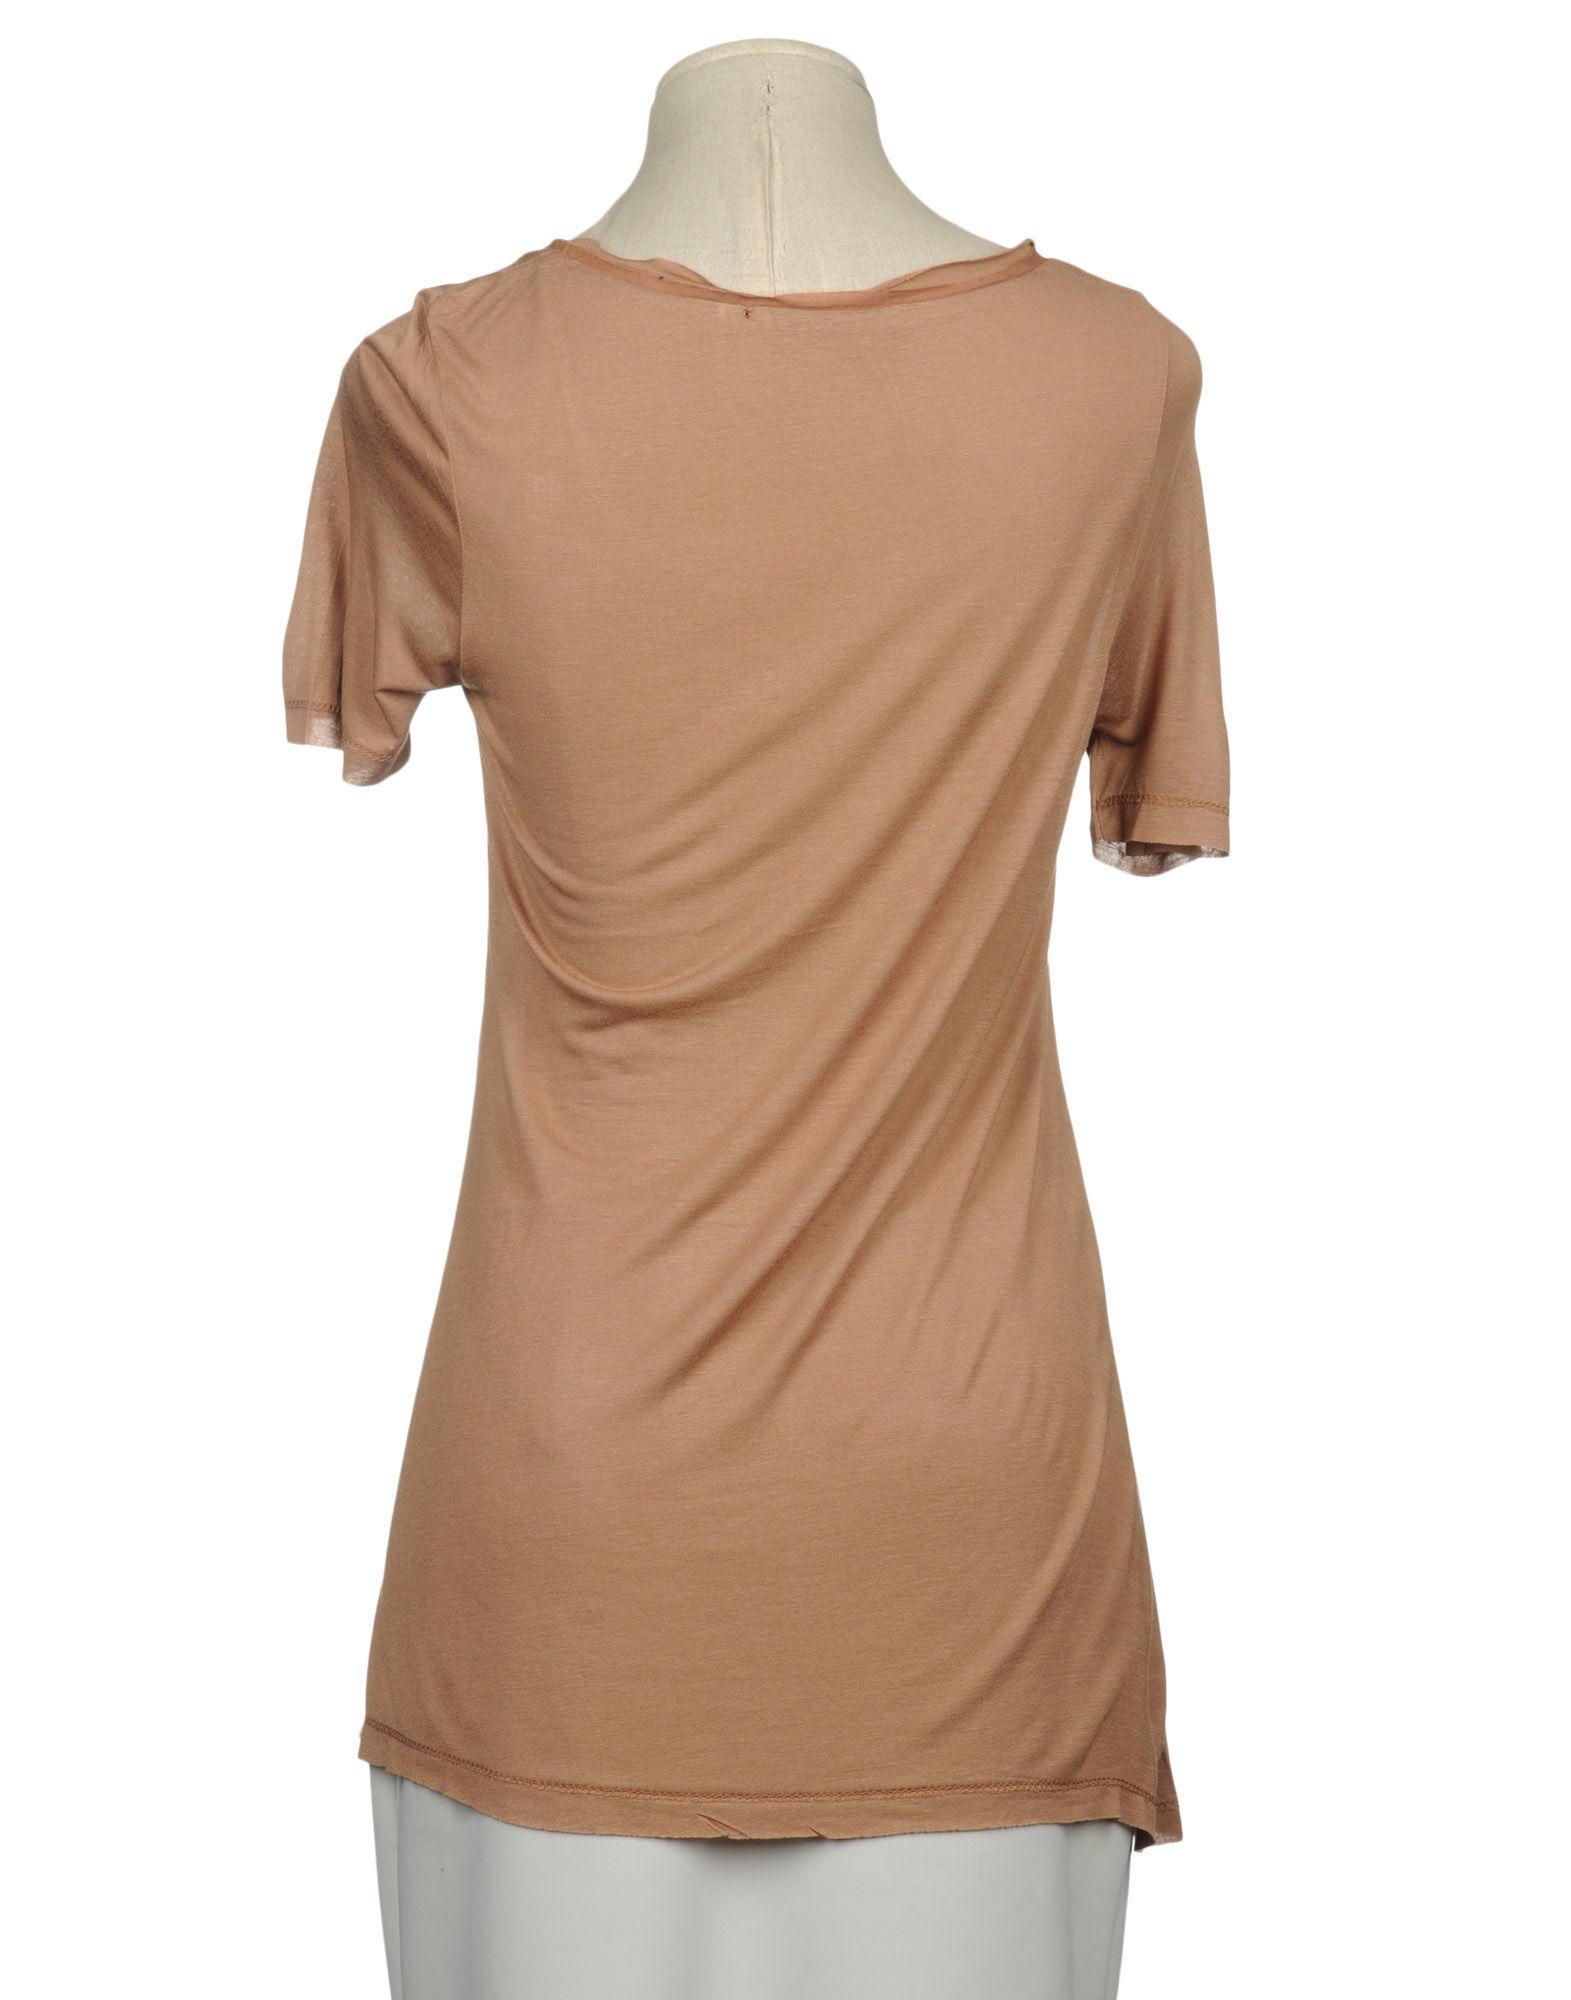 lyst day birger et mikkelsen short sleeve t shirt in natural. Black Bedroom Furniture Sets. Home Design Ideas